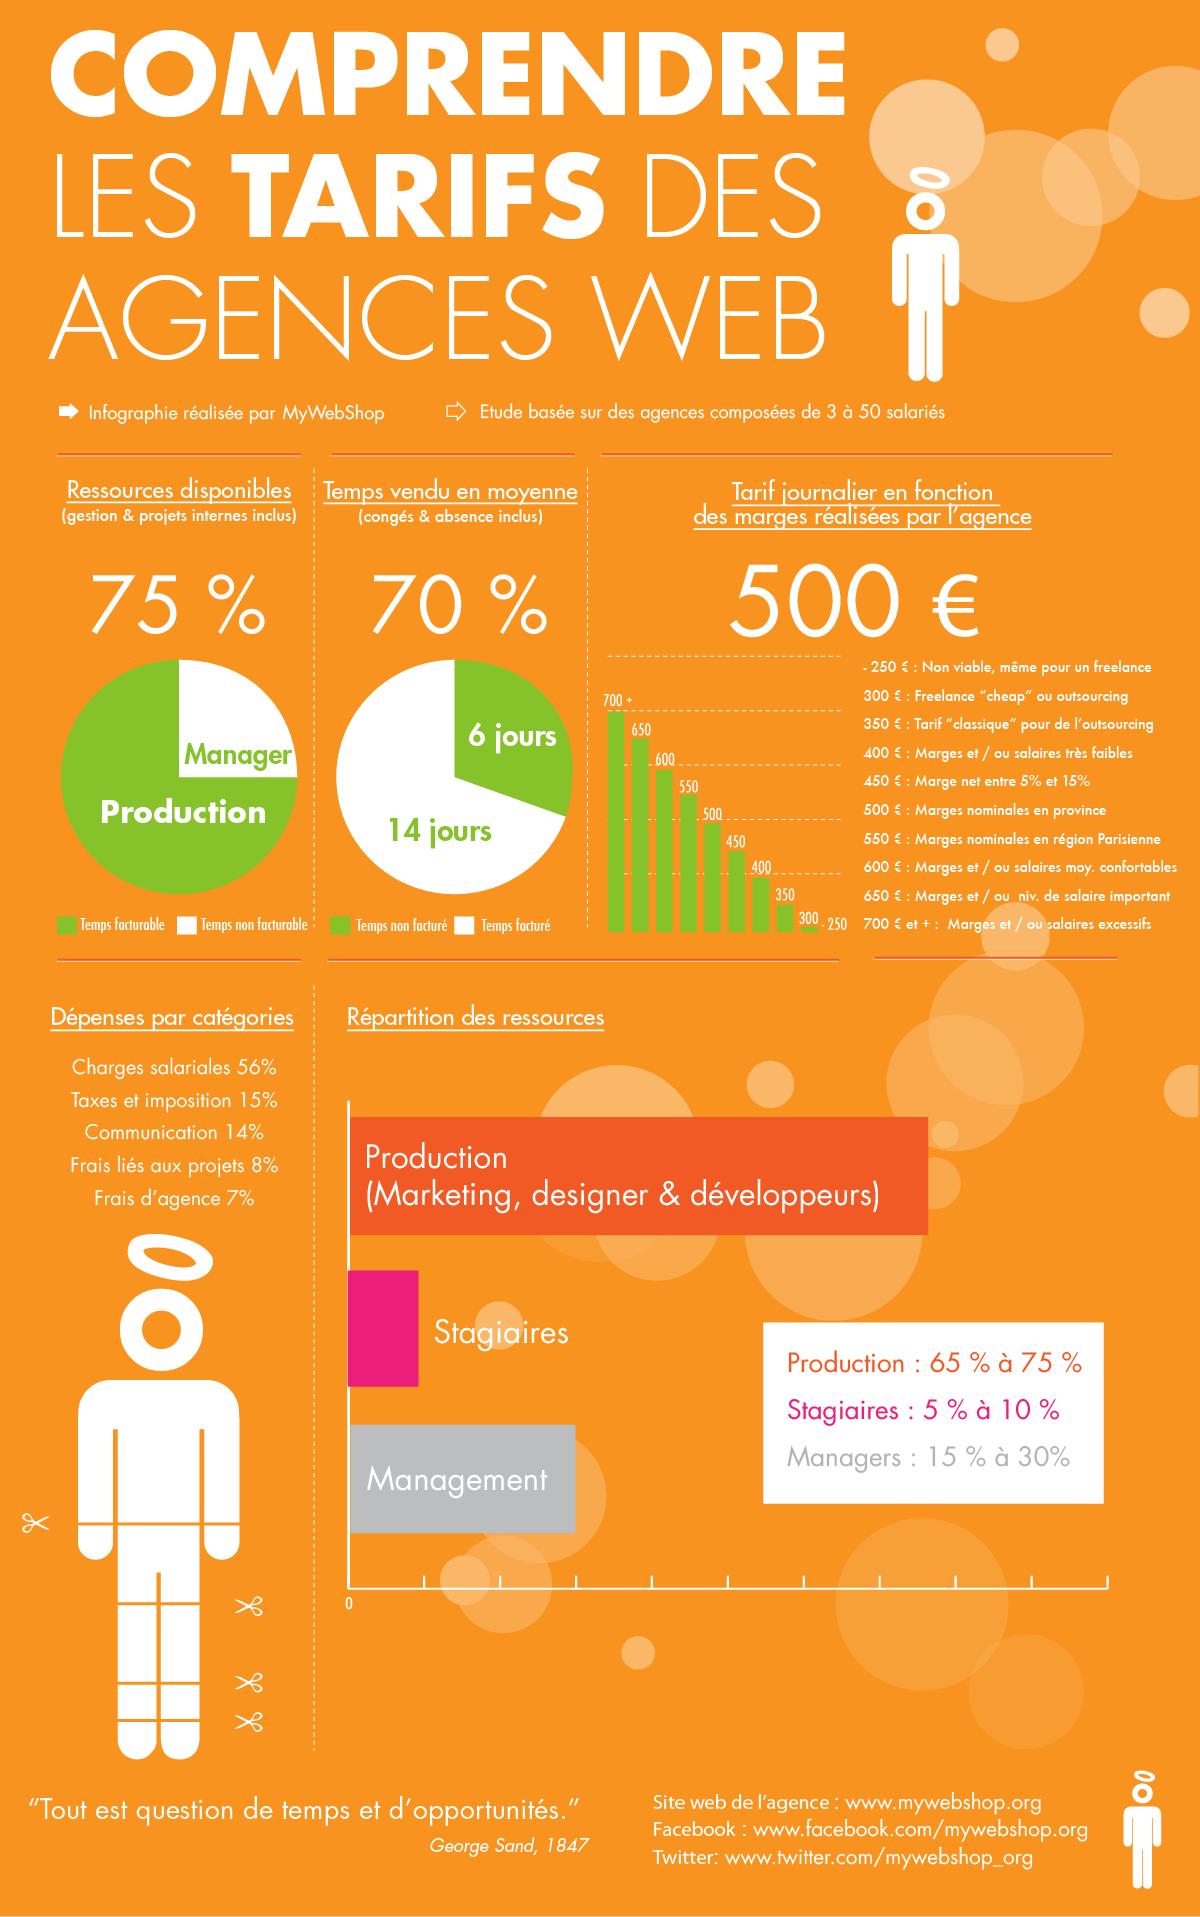 Comprendre les tarifs d'une agence web (infographie)